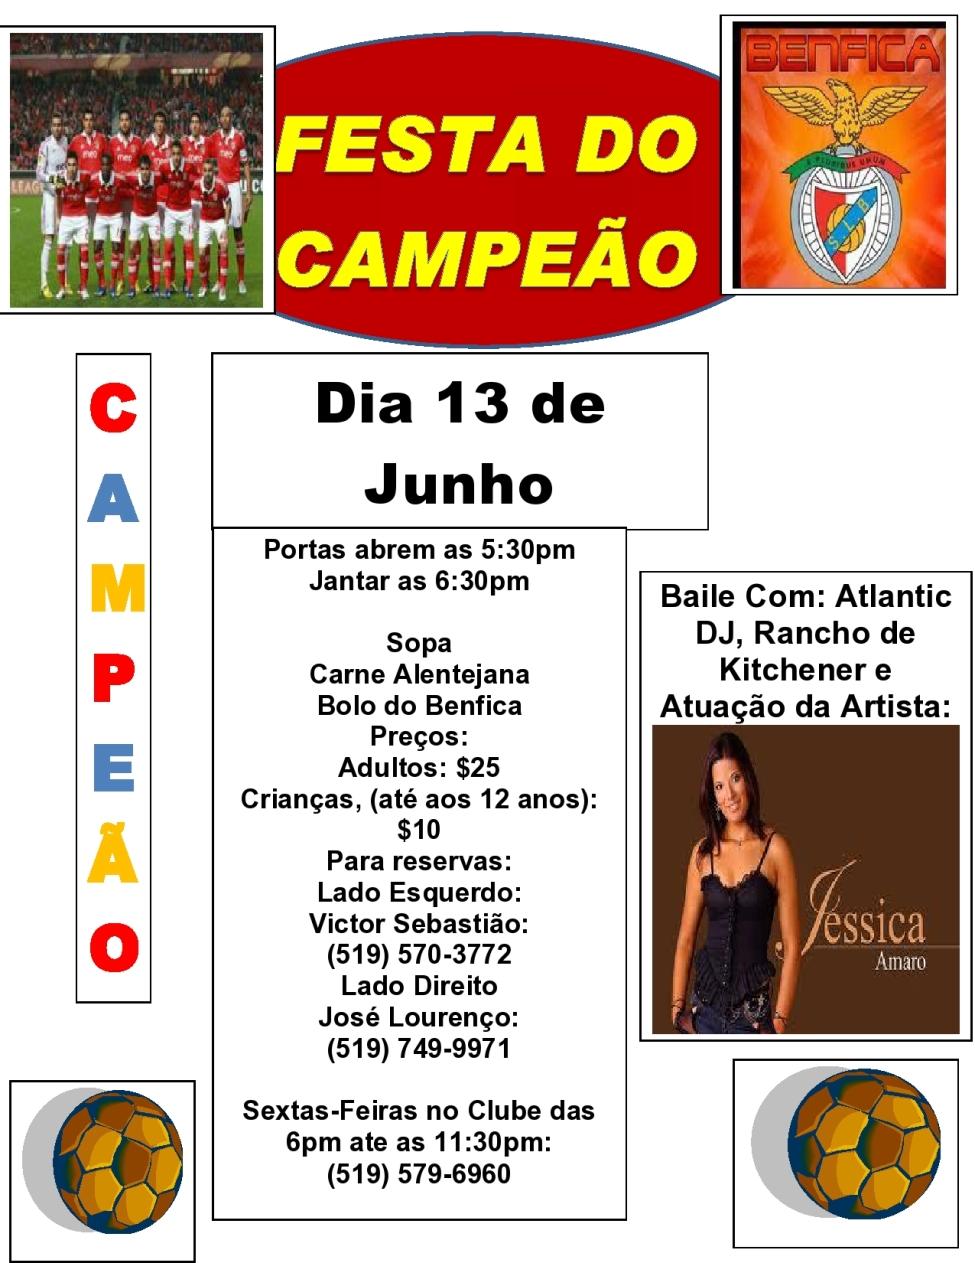 Festa do Campeão - Dia 13 de Junho 2015